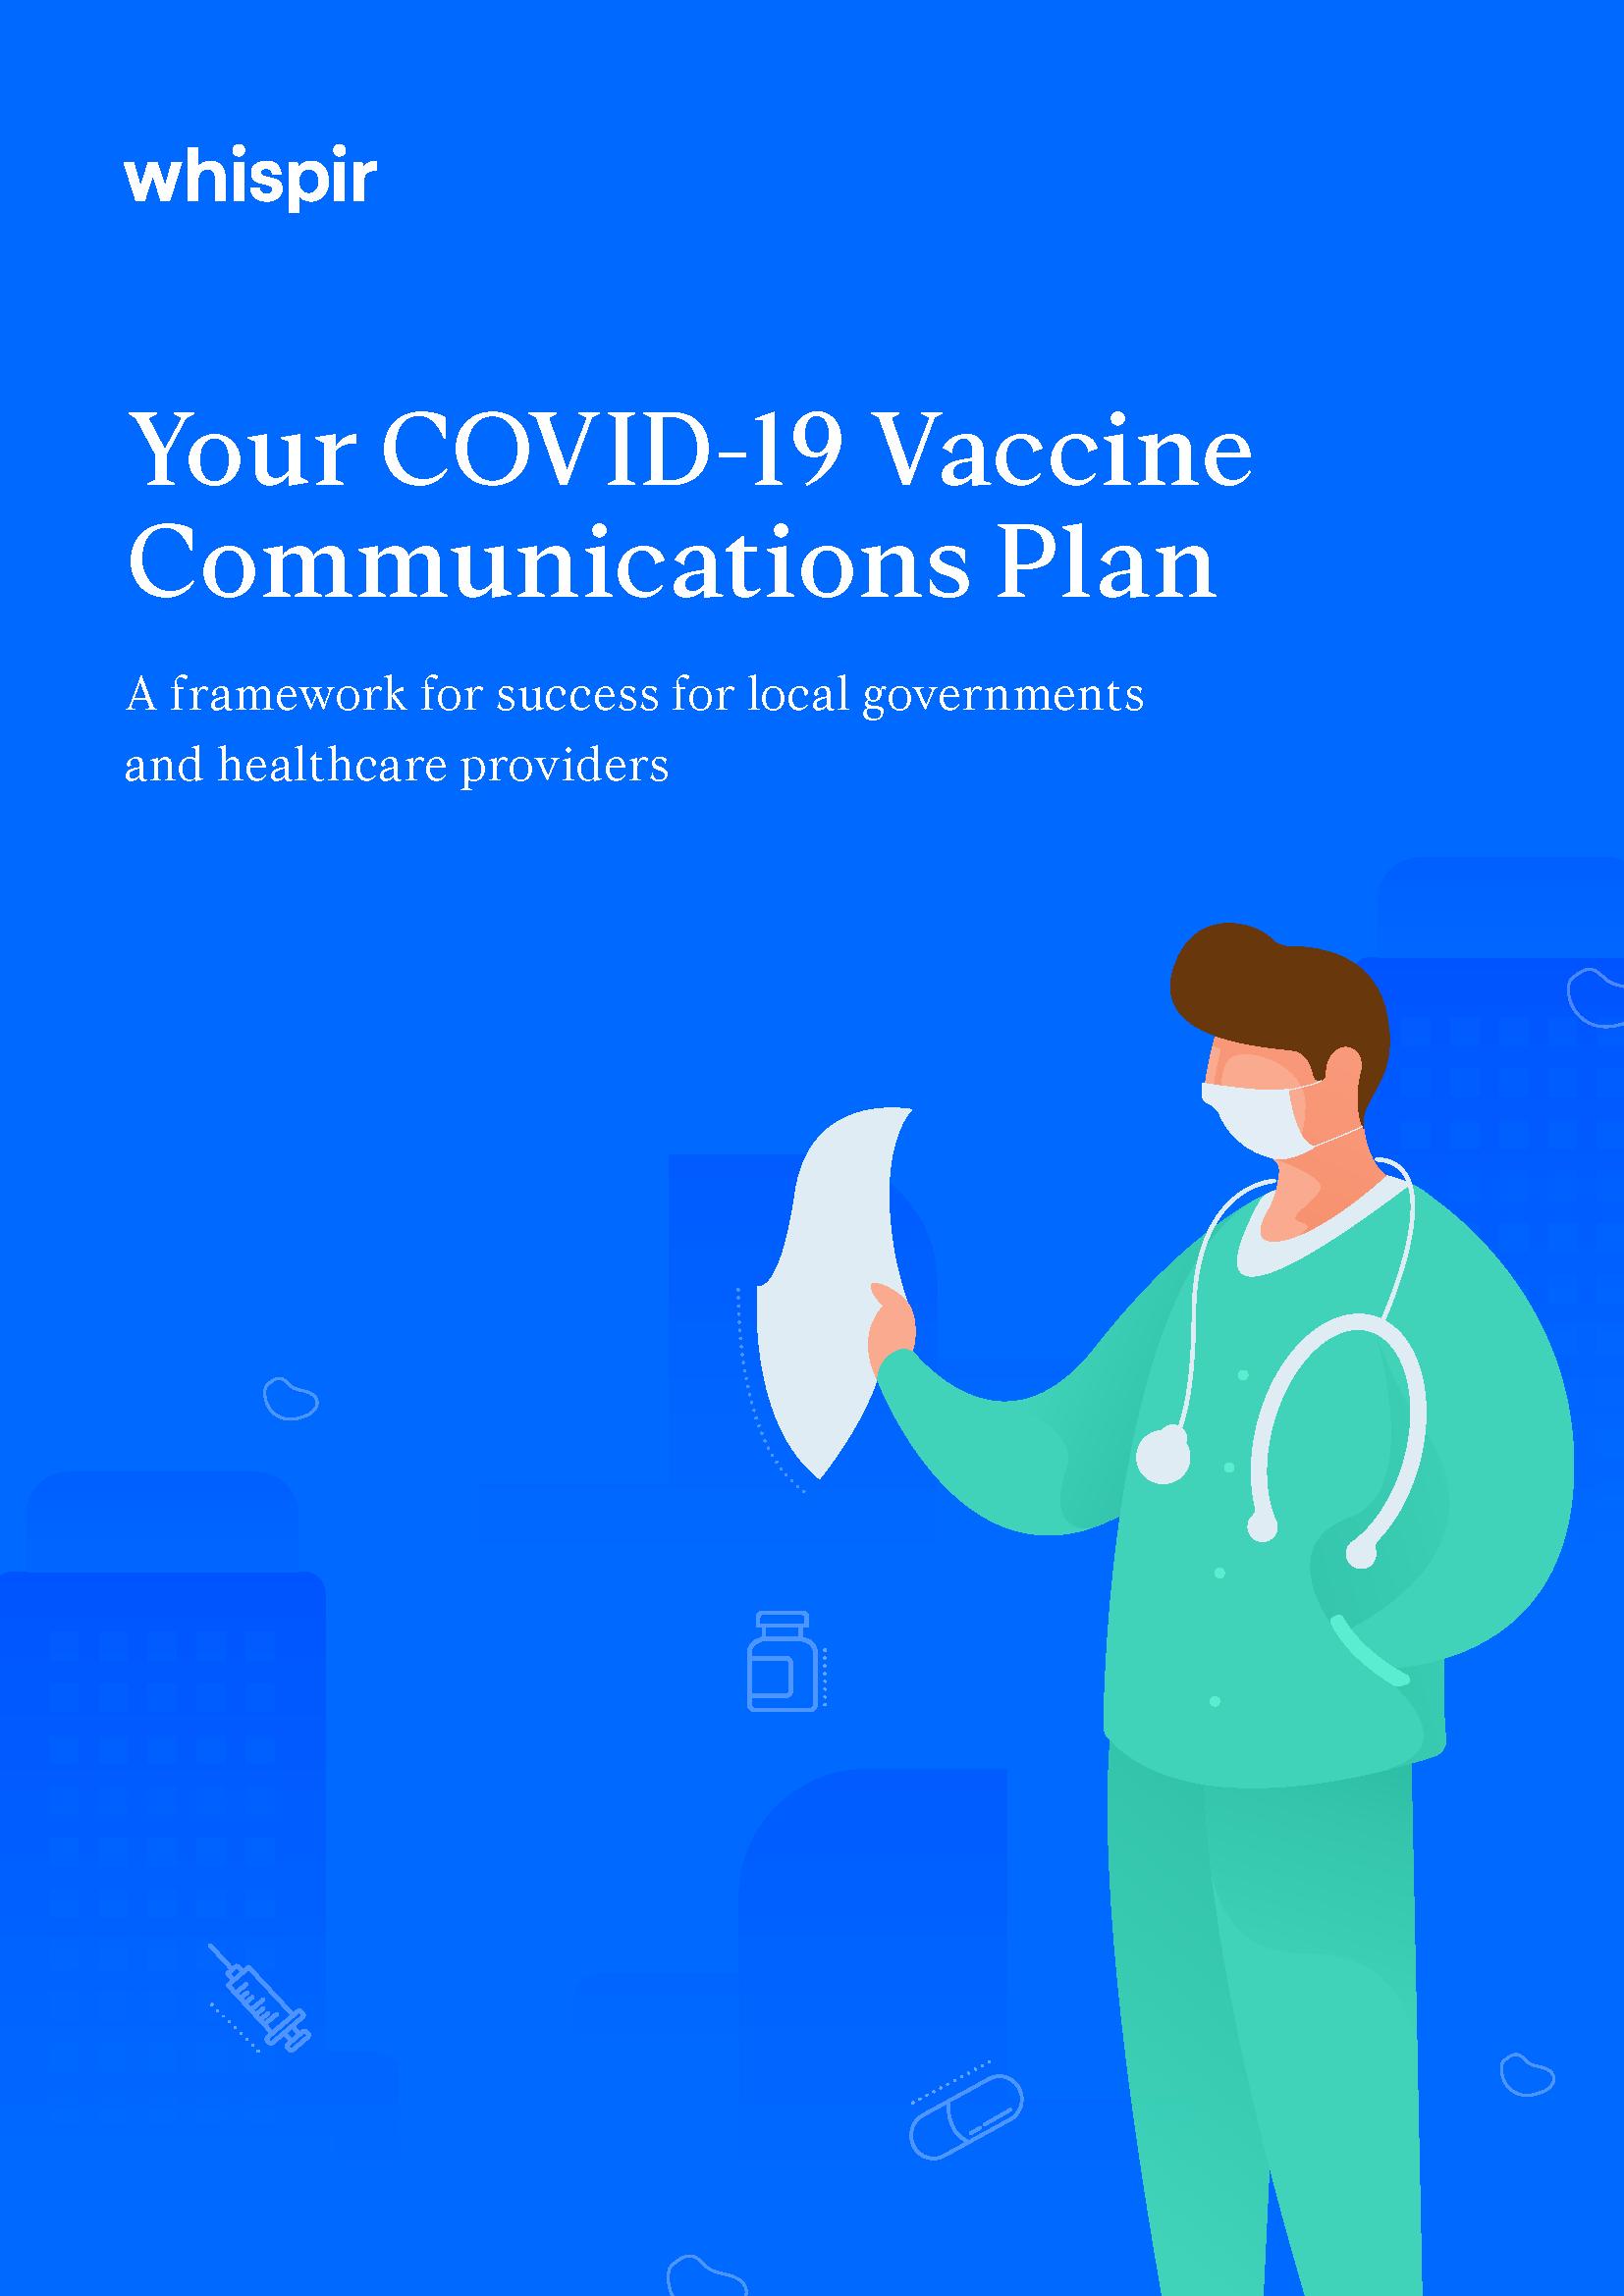 COVID Vaccine Asia Image